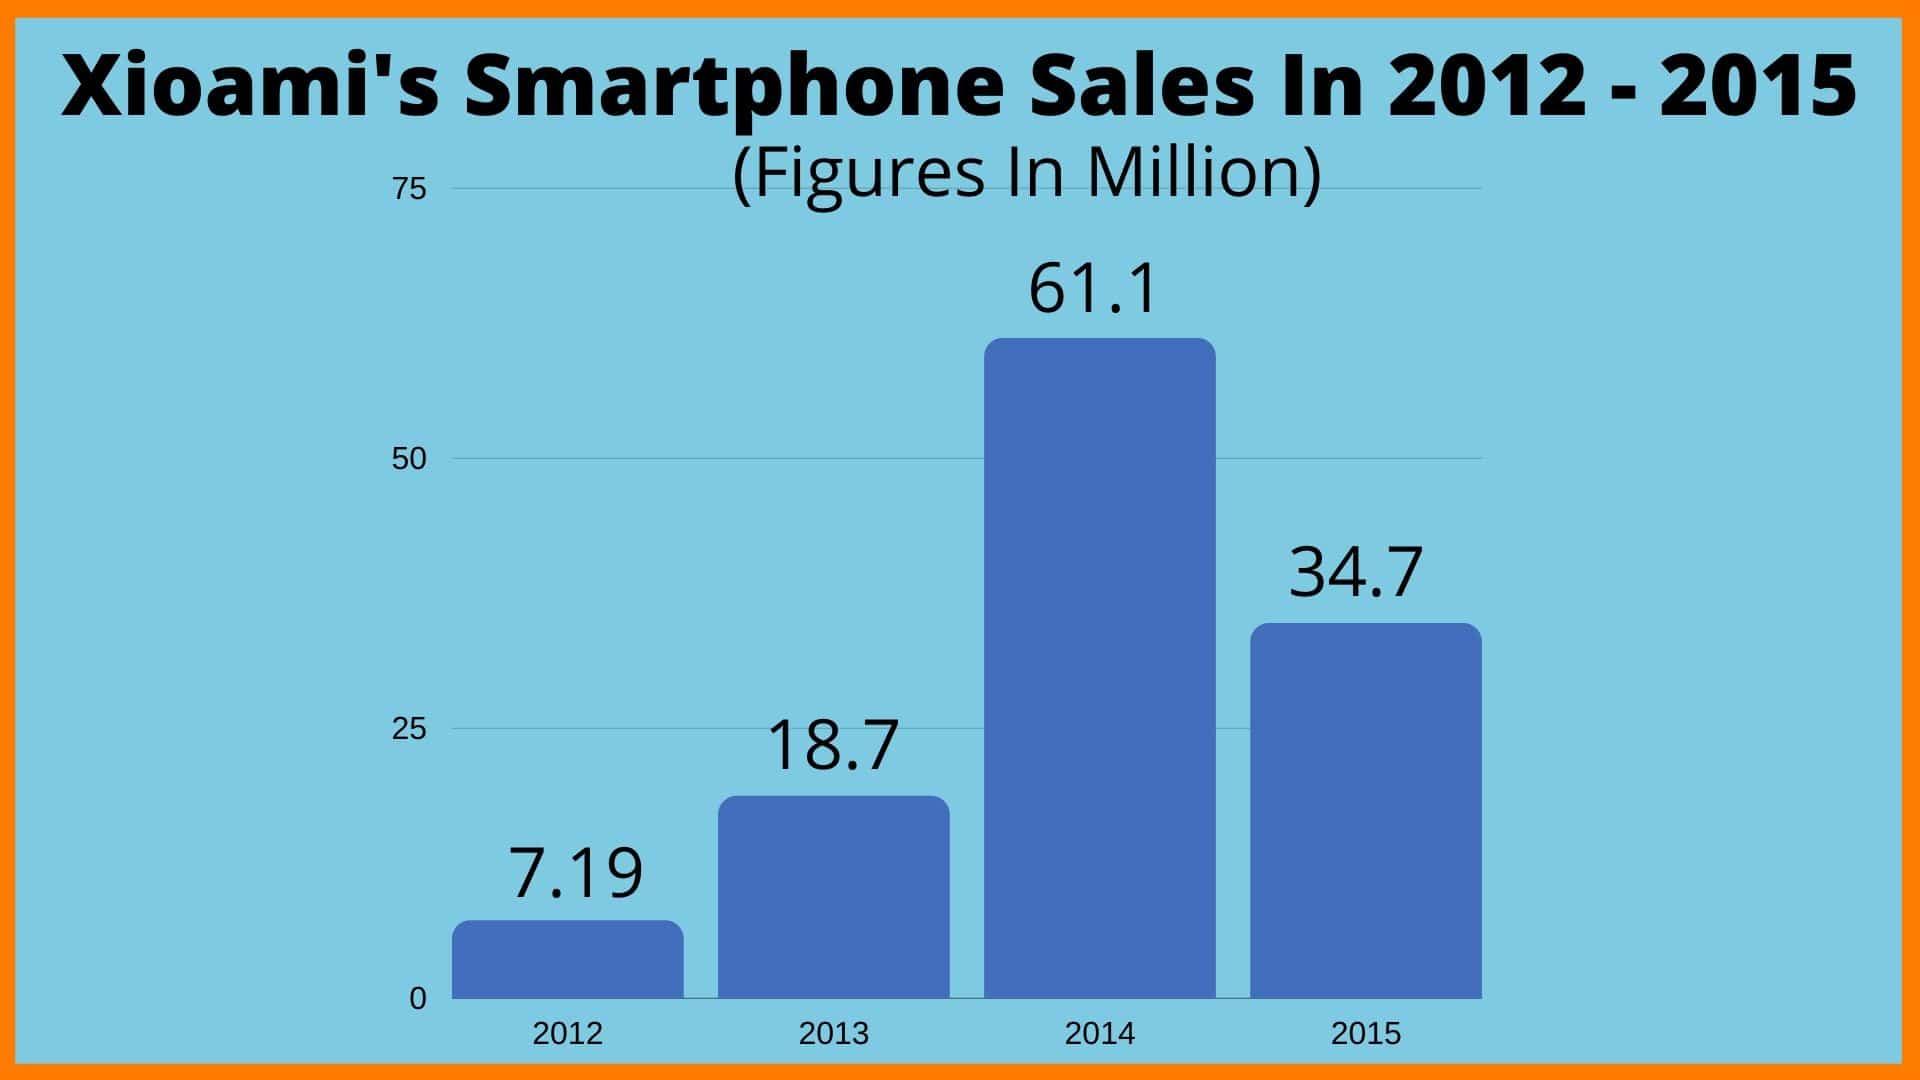 Xiaomi's Smartphone Sales